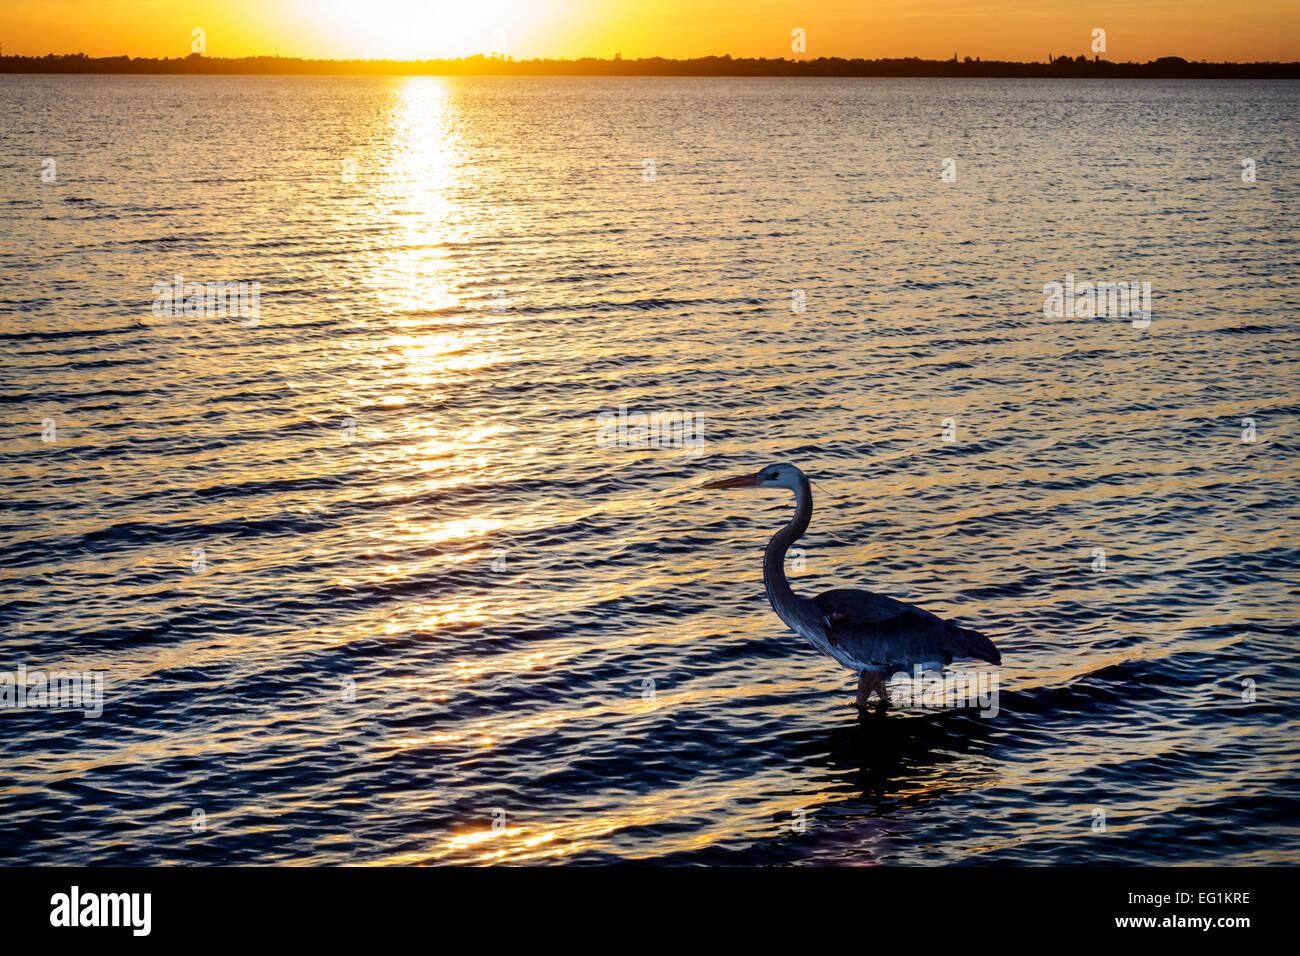 Florida, FL, Süd, Jensen Beach, Hutchinson Barrier Island, Indian River Lagoon, große blaue Reiher, Wating, Wasser, Stockfoto